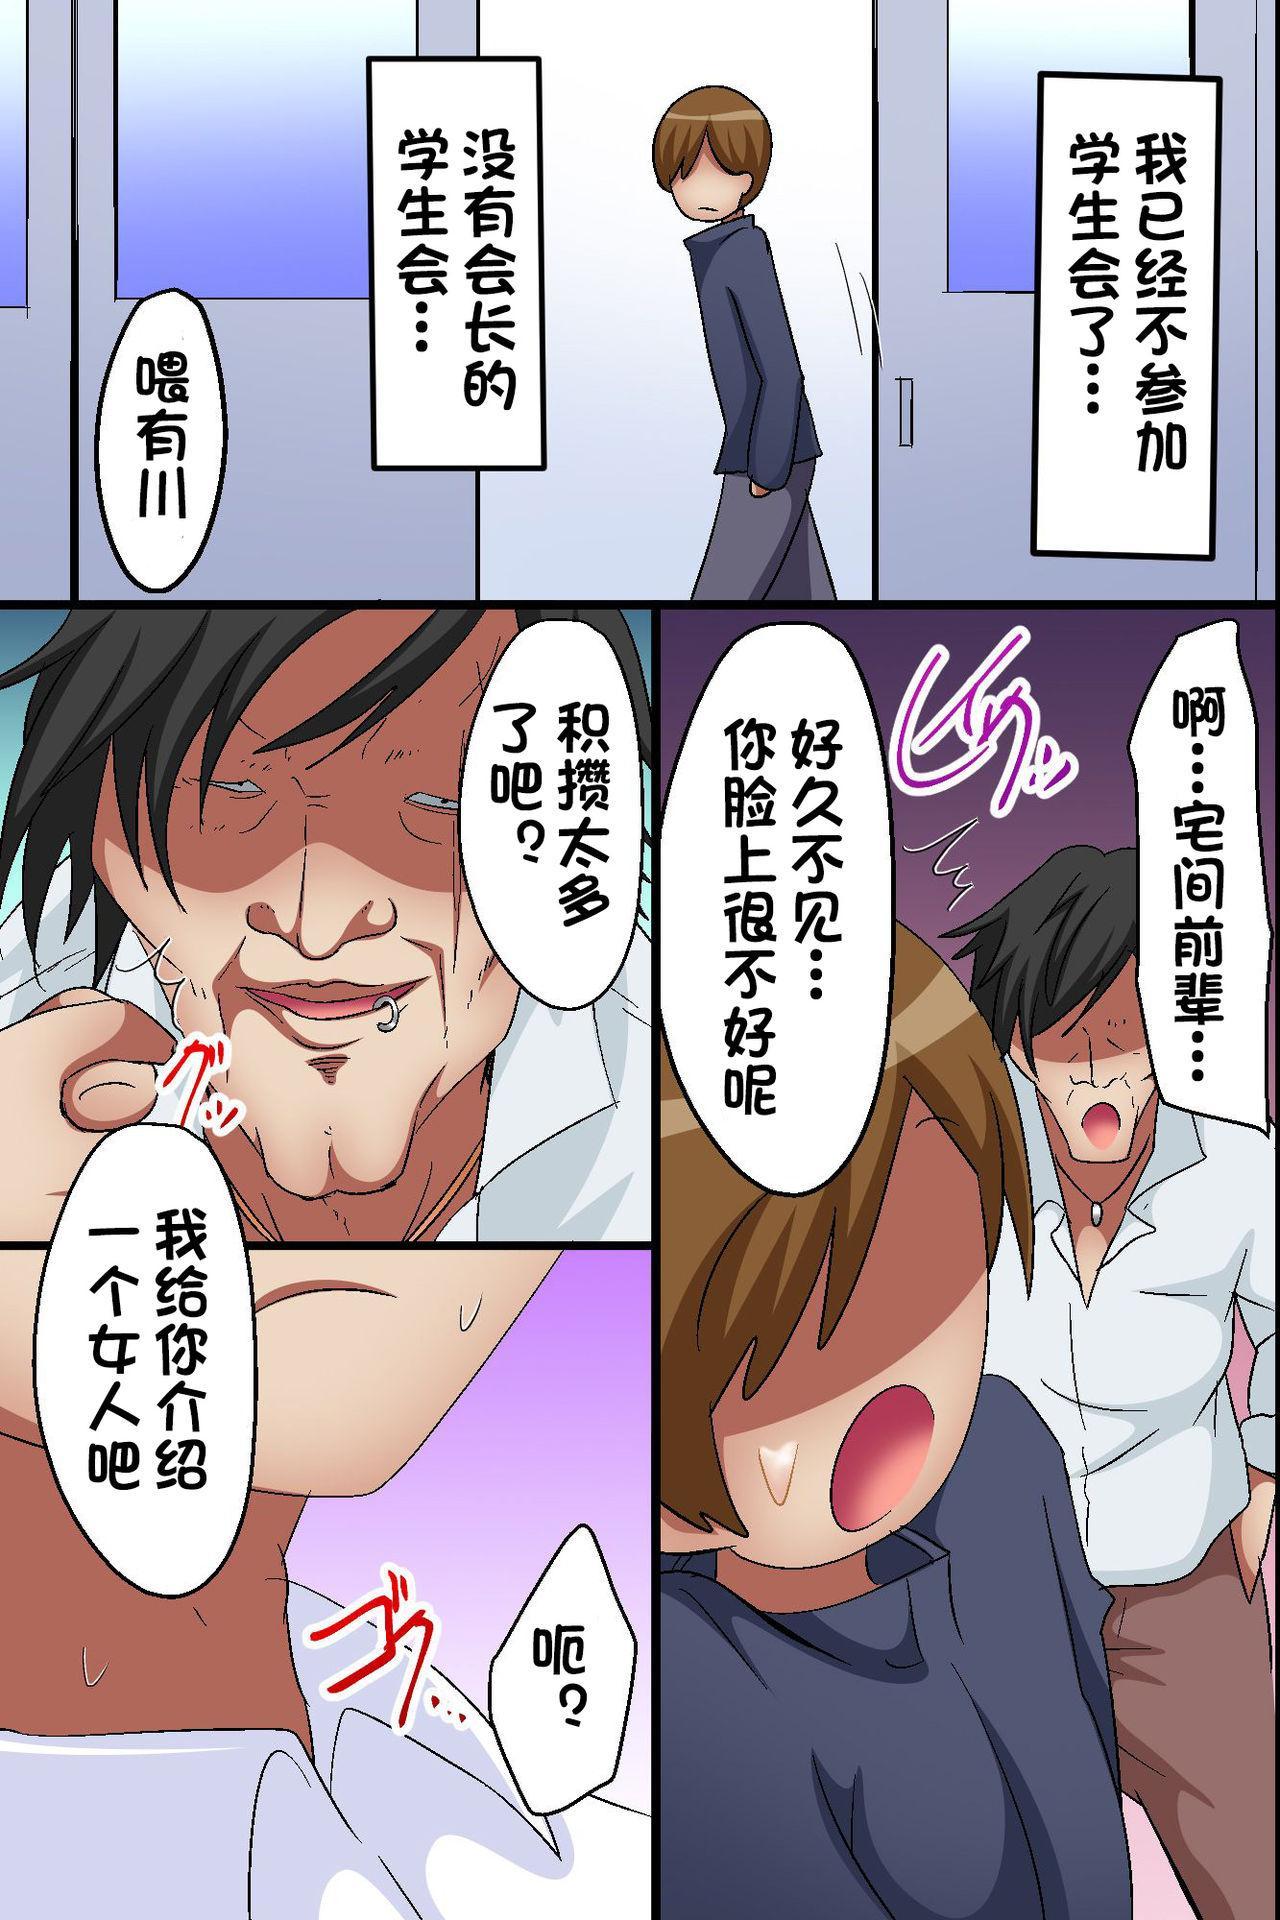 Akogare no Anoko ga Gesu Furyou-tachi ni Shojo o Ubawarete Sore o Neta ni Odosare Seishori Hentai Pet ni Ochiteita 35